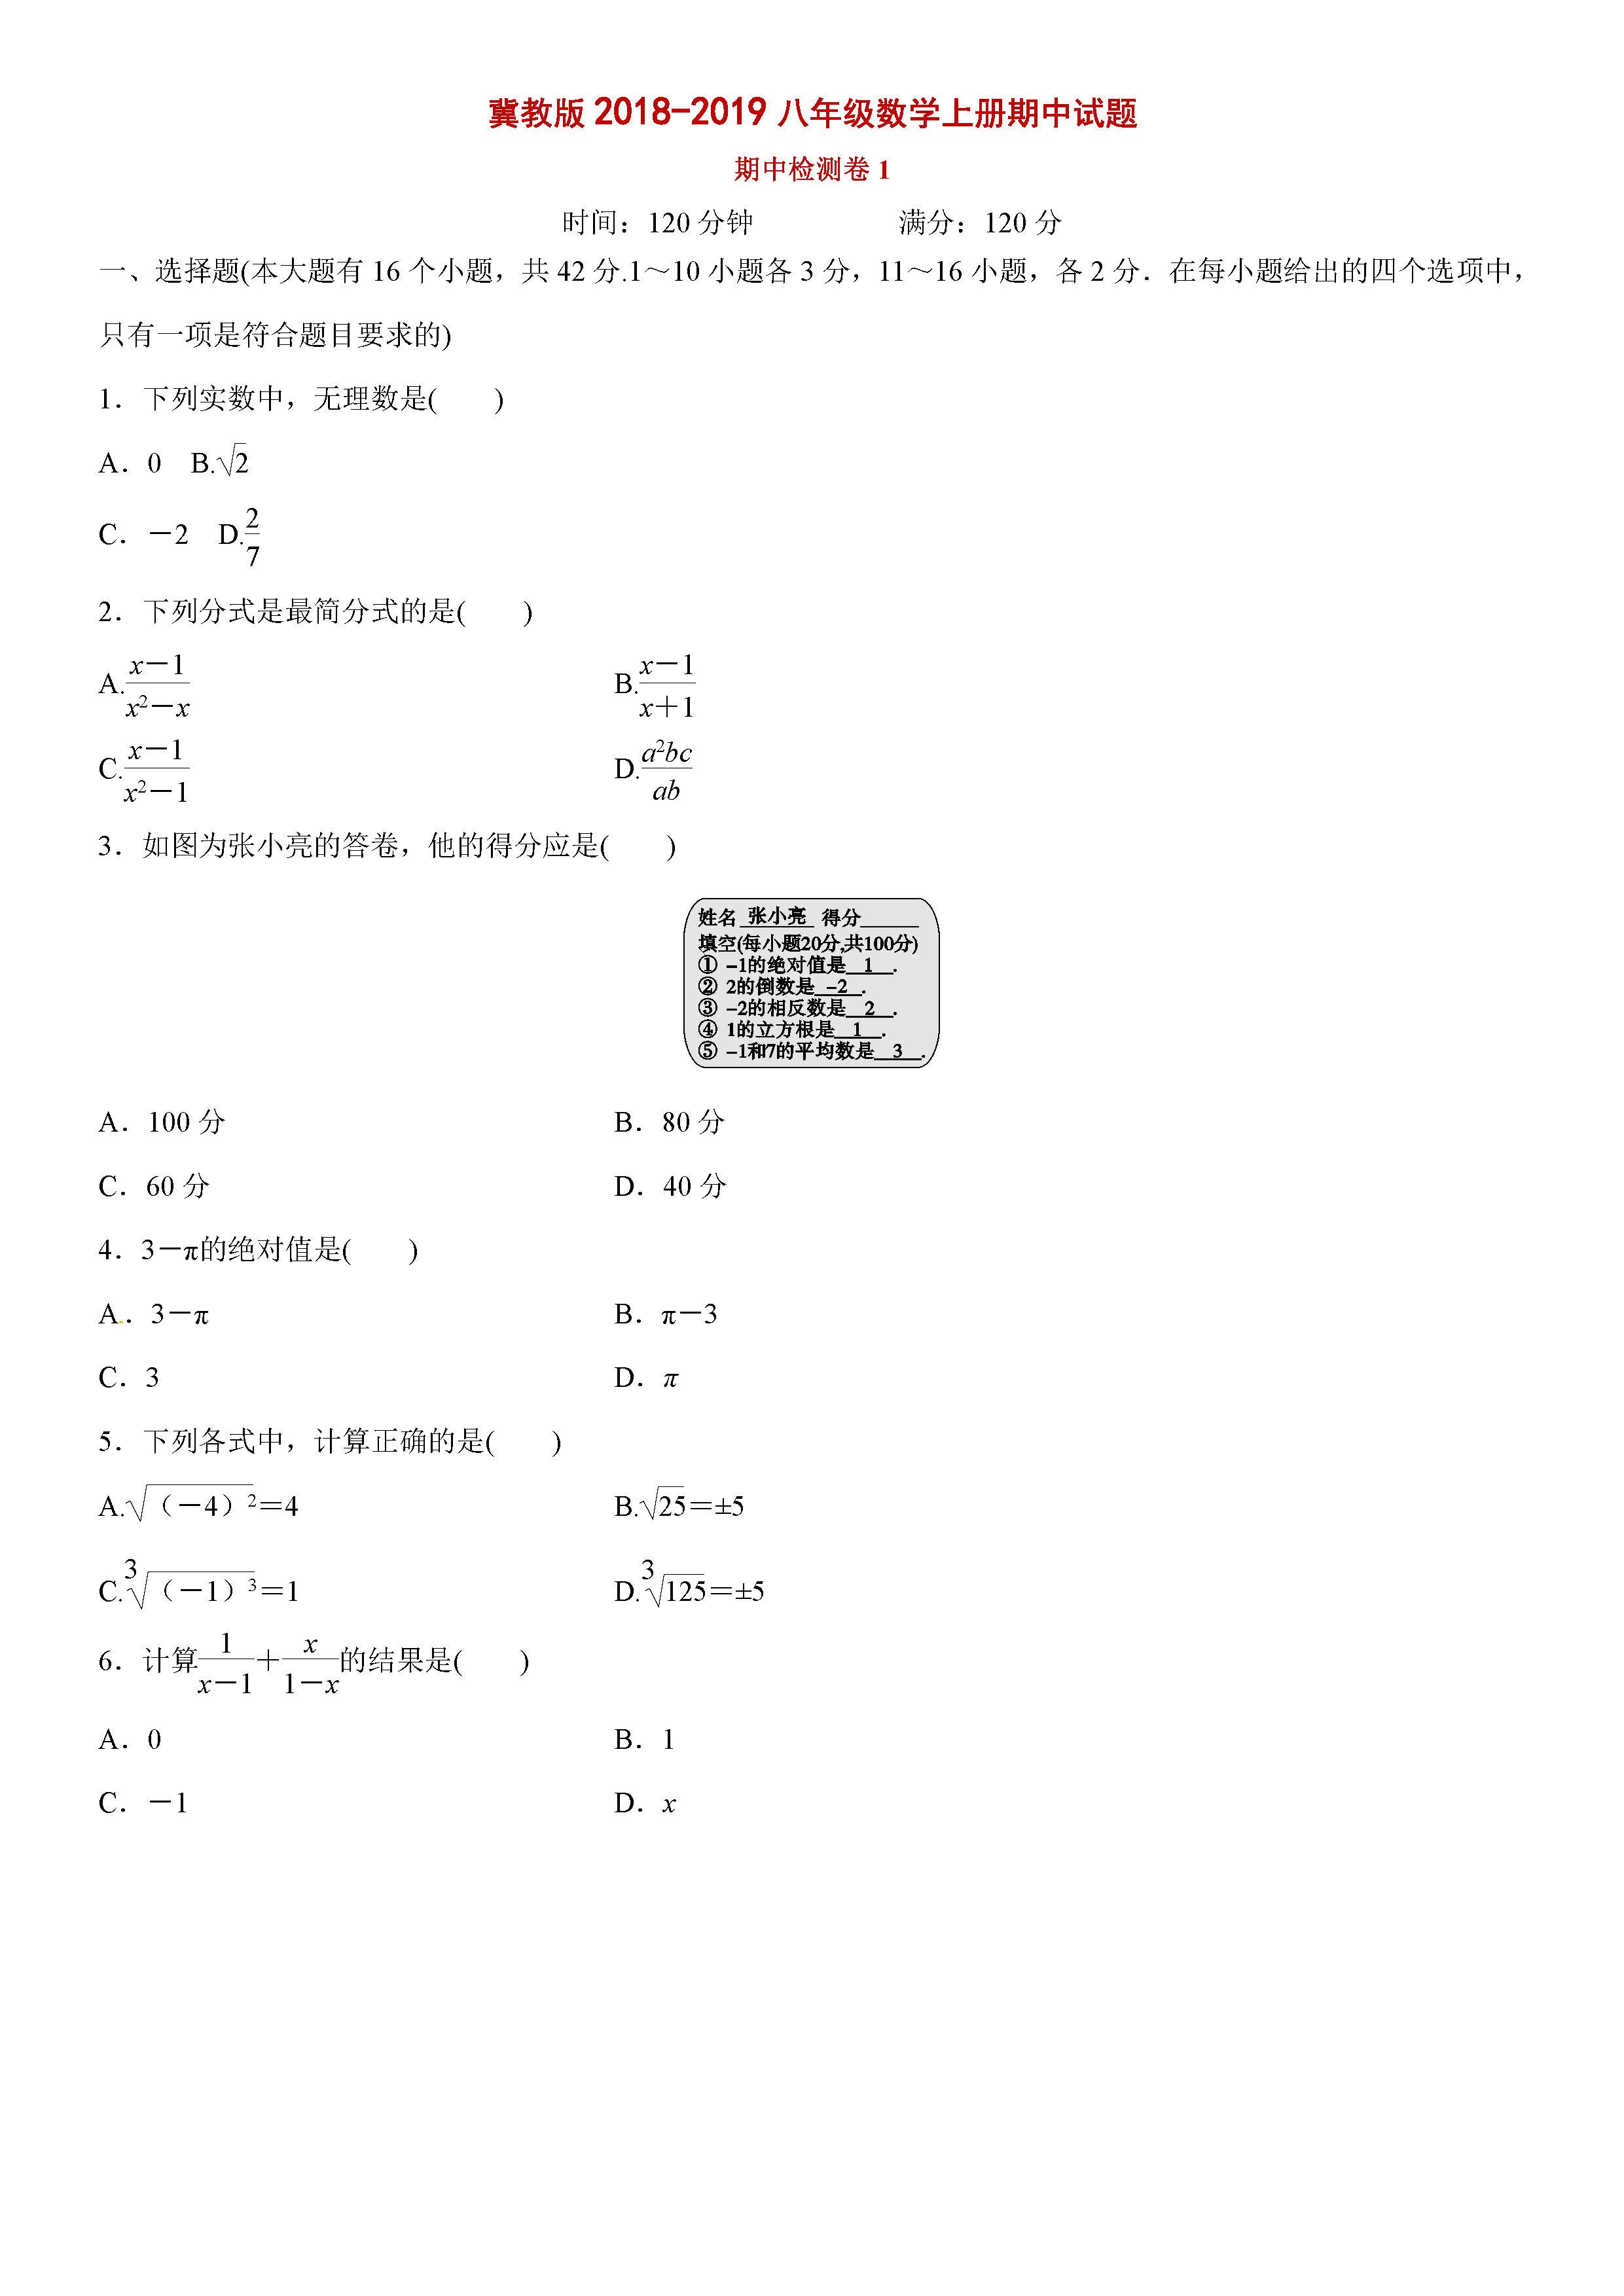 冀教版2018-2019八年级数学上册期中测试题及答案(1)